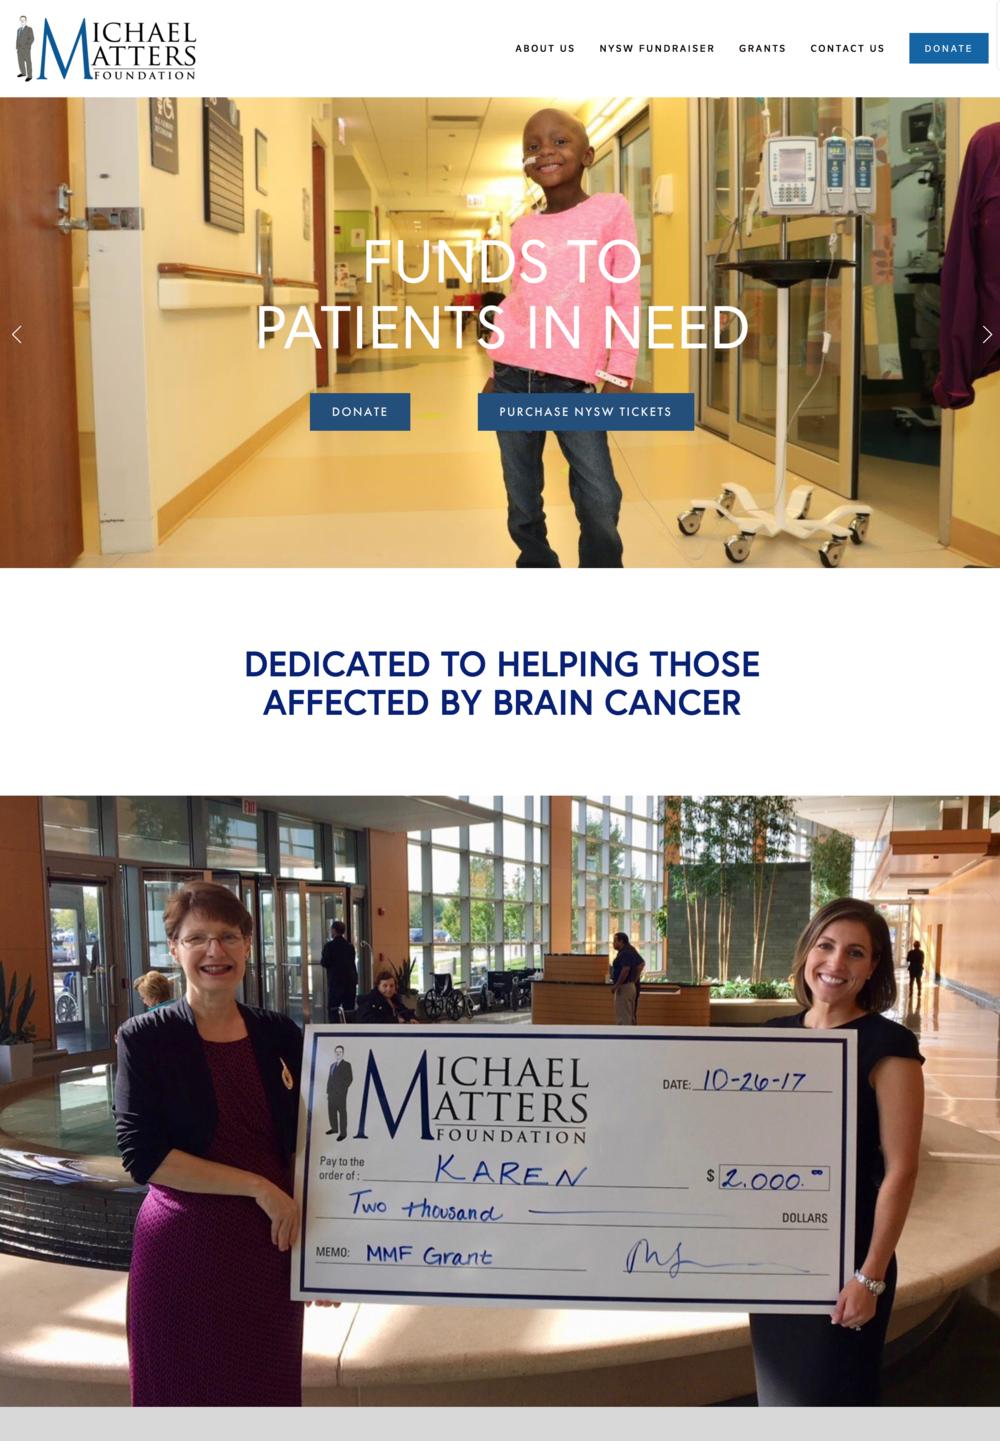 Michael Matters Foundation Non-Profit Website